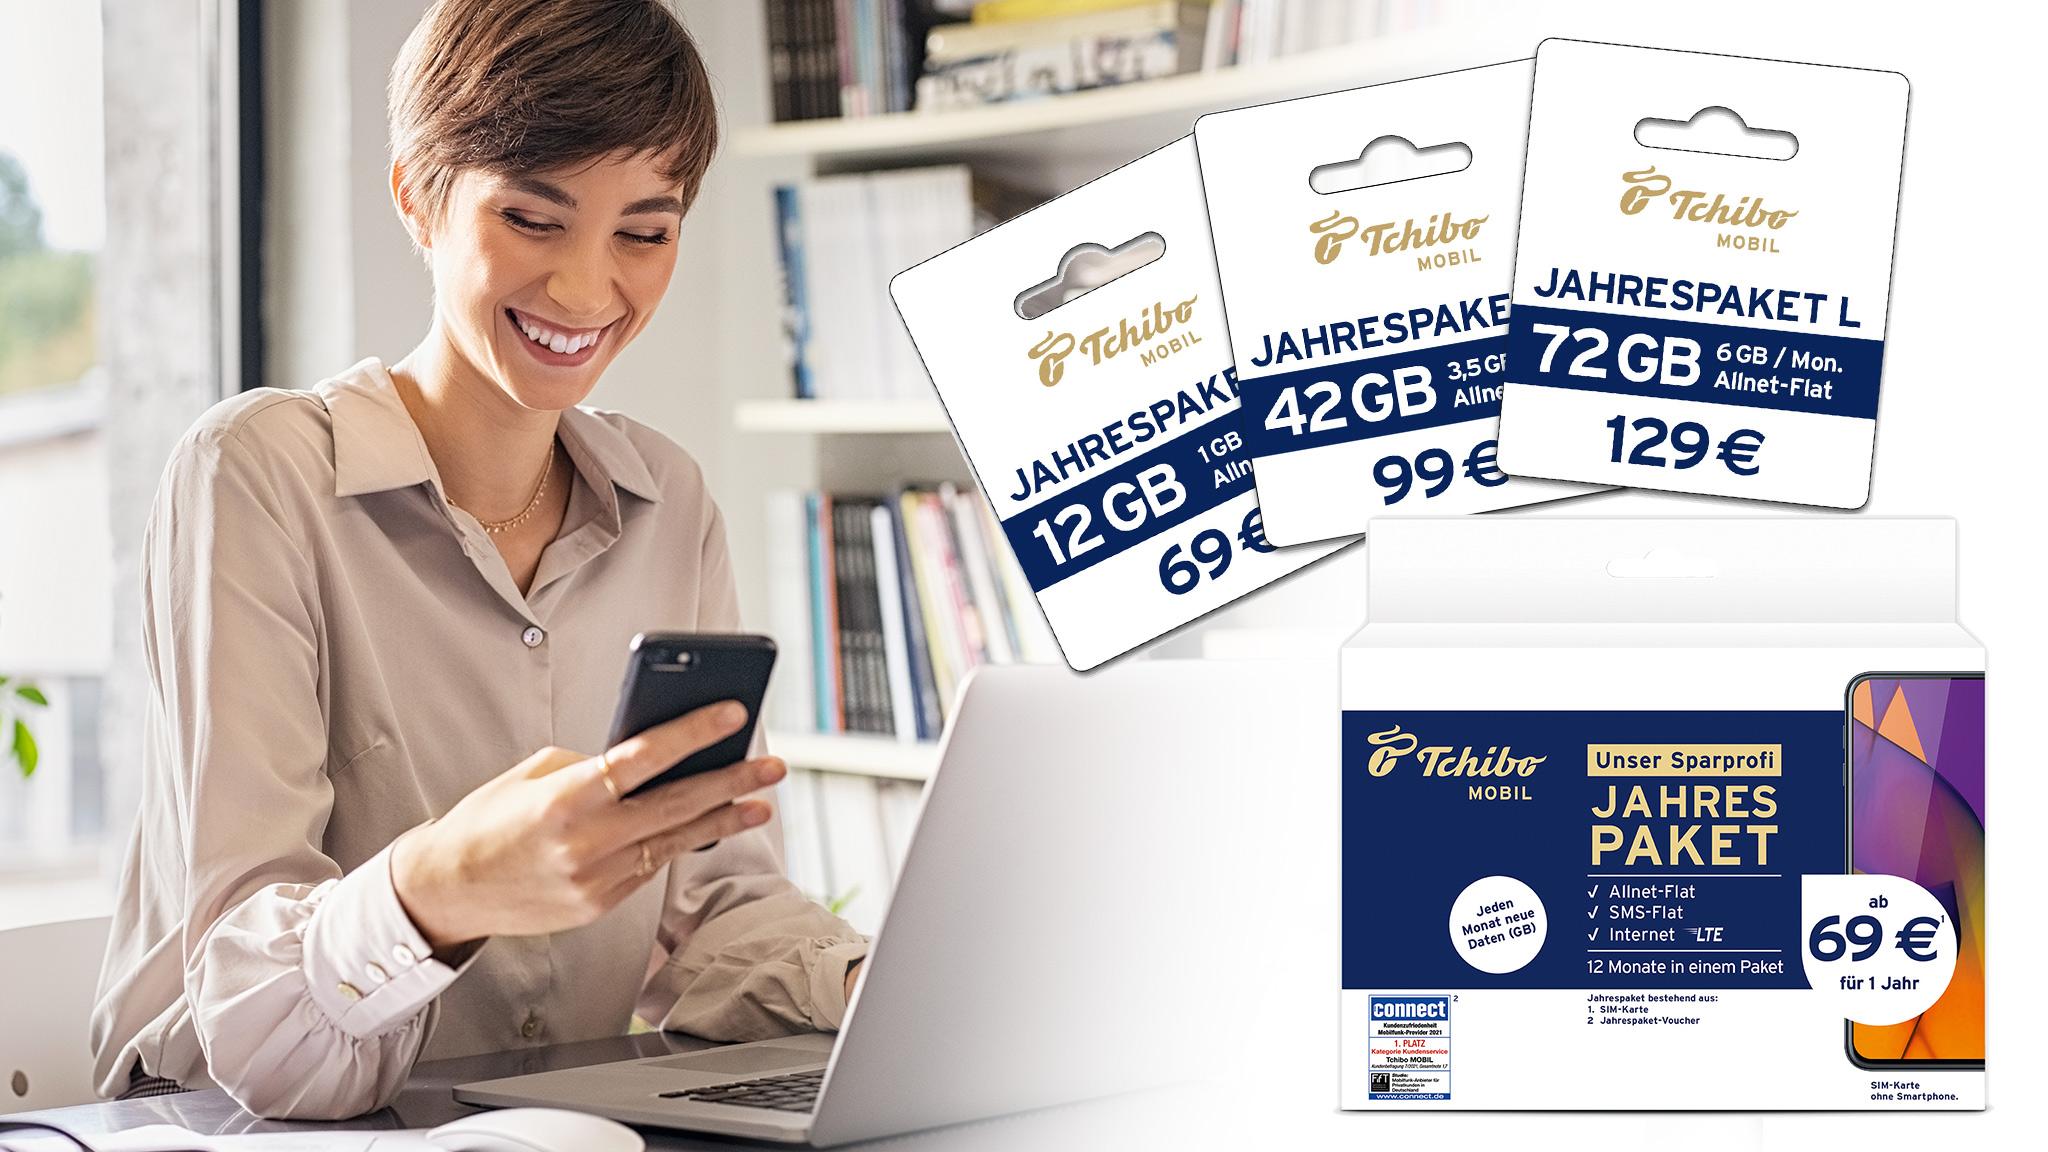 Tchibo-Mobil-Jahrespakete: Das bieten die neuen Tarife – lohnen sie sich?